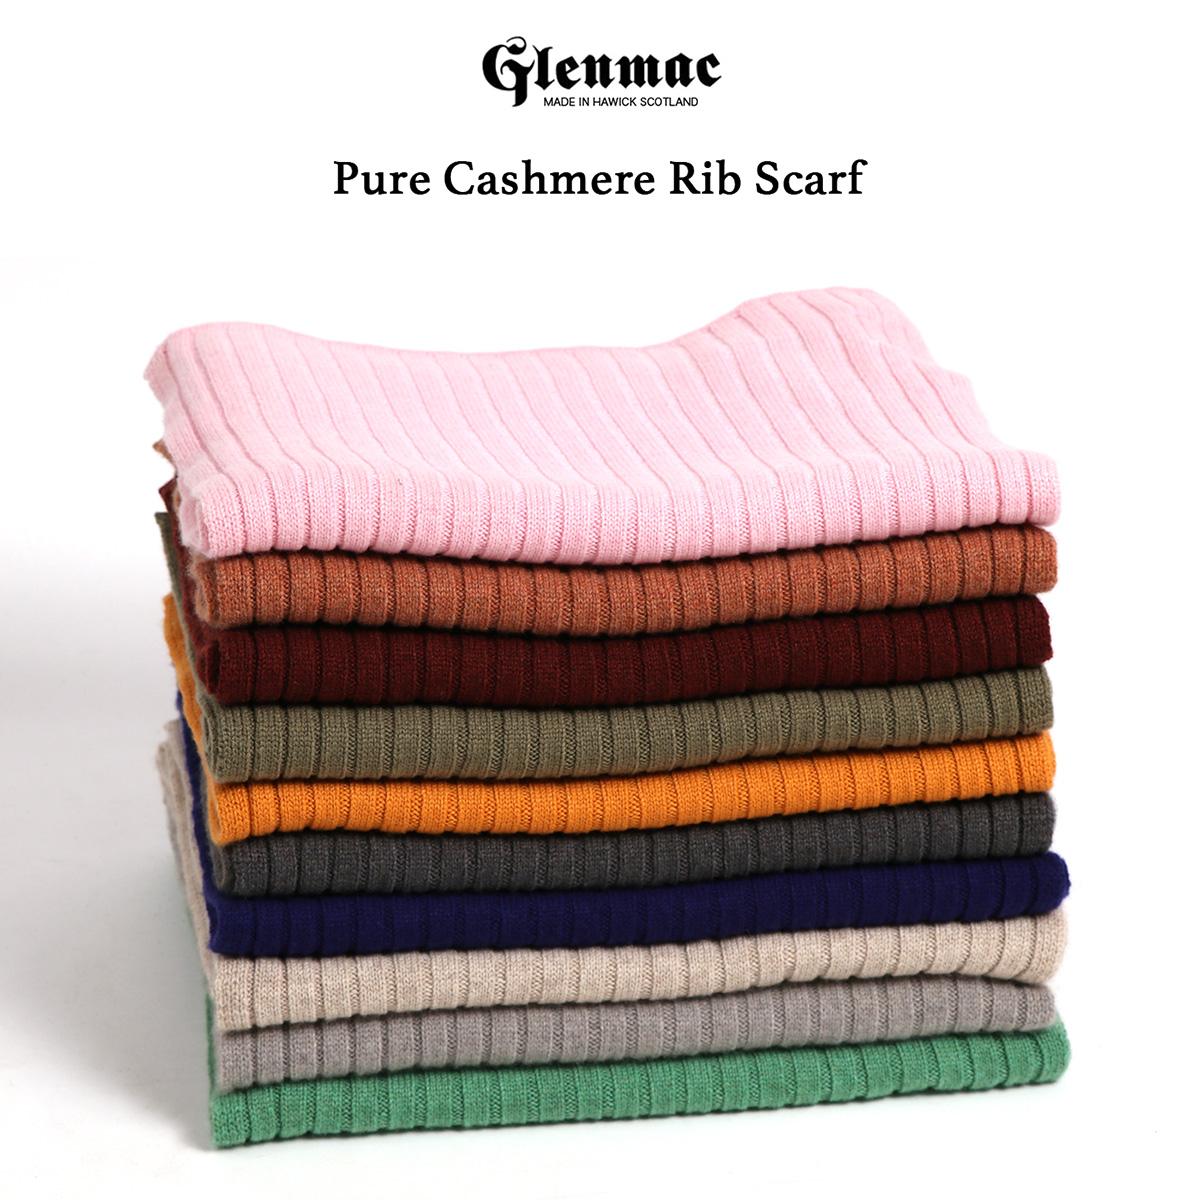 Glenmac(グレンマック) カシミアマフラー スコットランド製 送料無料